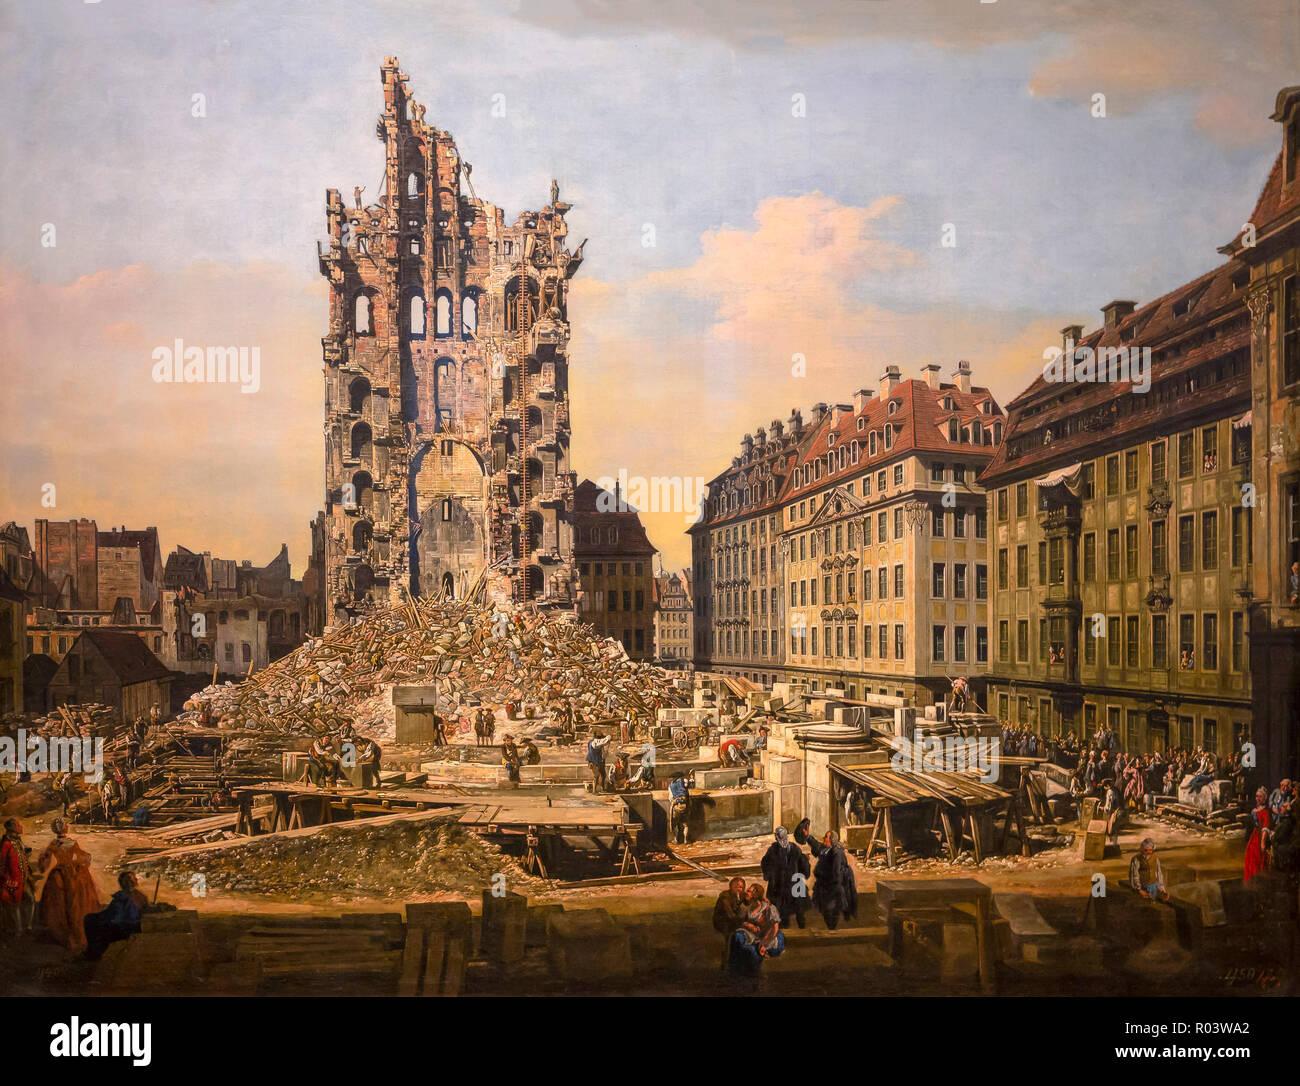 The Ruins of the Kreuzkirche in Dresden, Bernardo Bellotto, 1765, Zurich Kunsthaus, Zurich, Switzerland, Europe - Stock Image